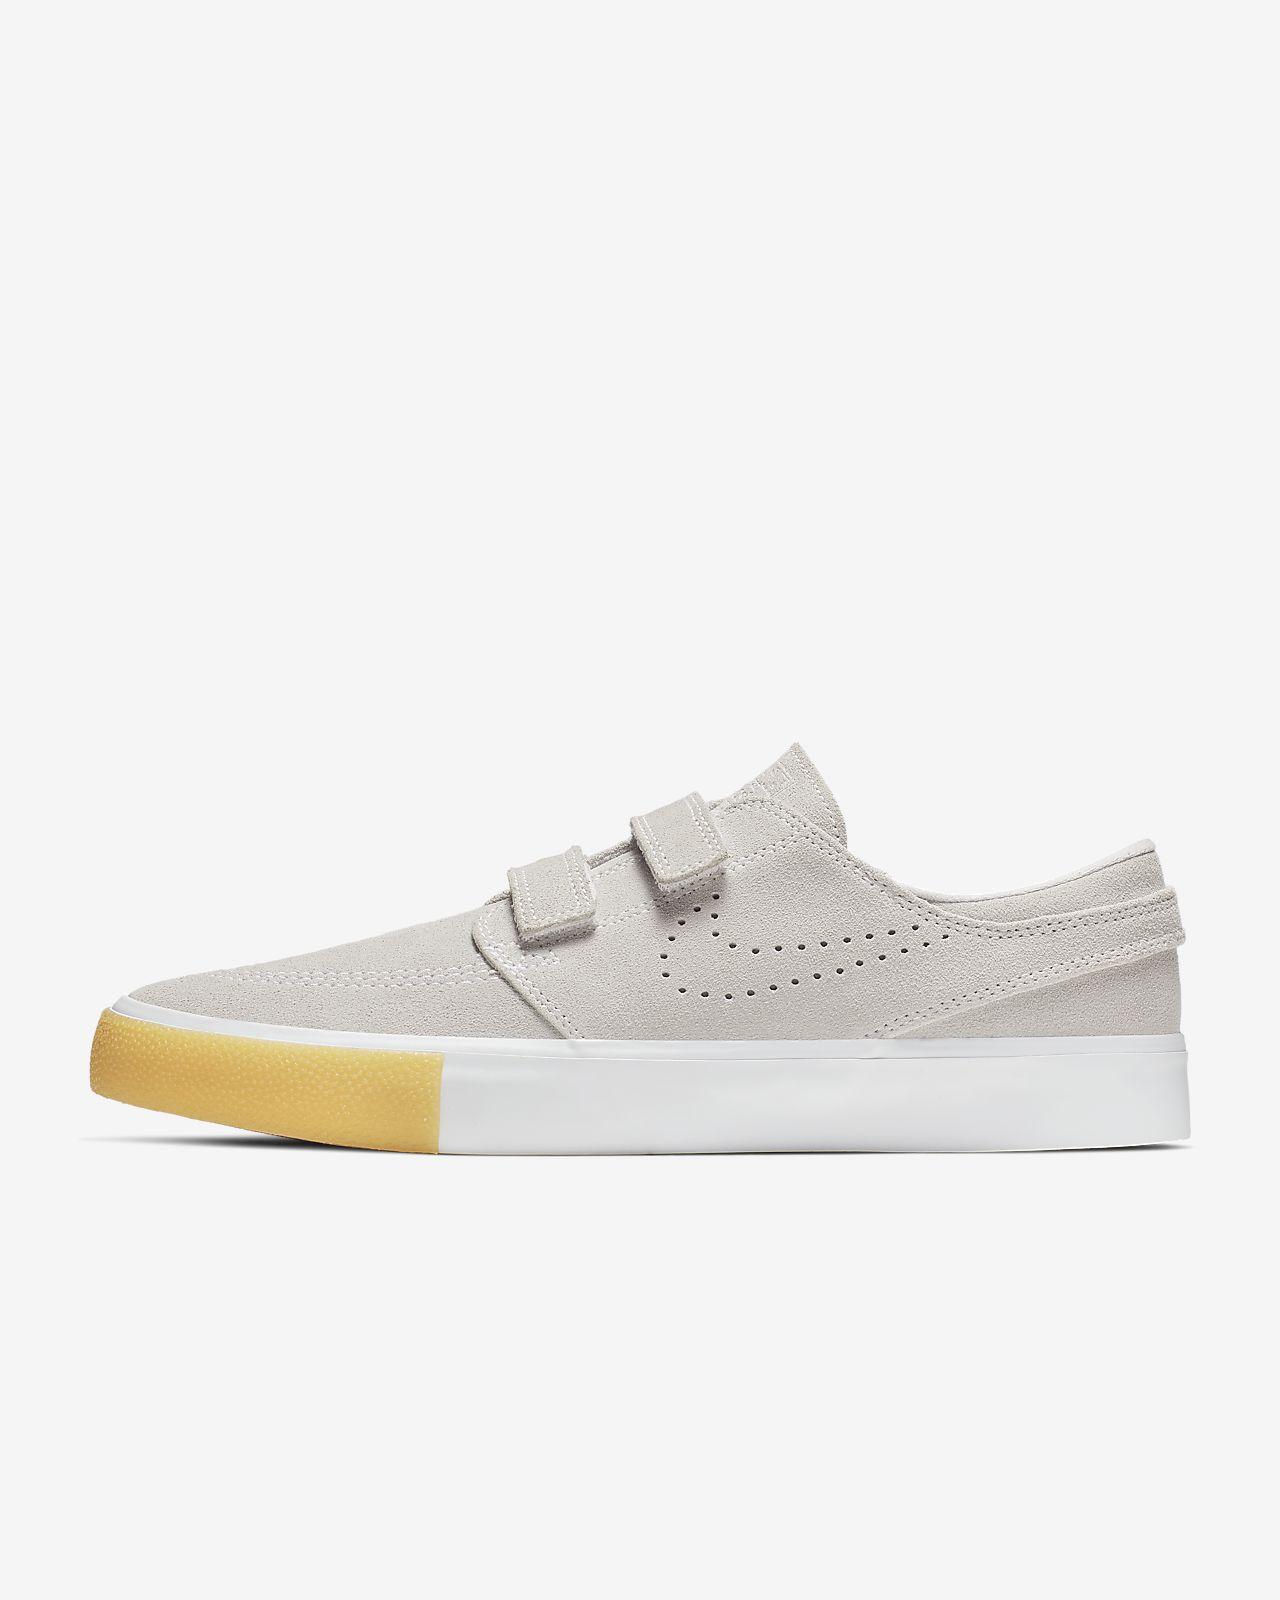 Nike SB Zoom Janoski AC RM SE Kaykay Ayakkabısı